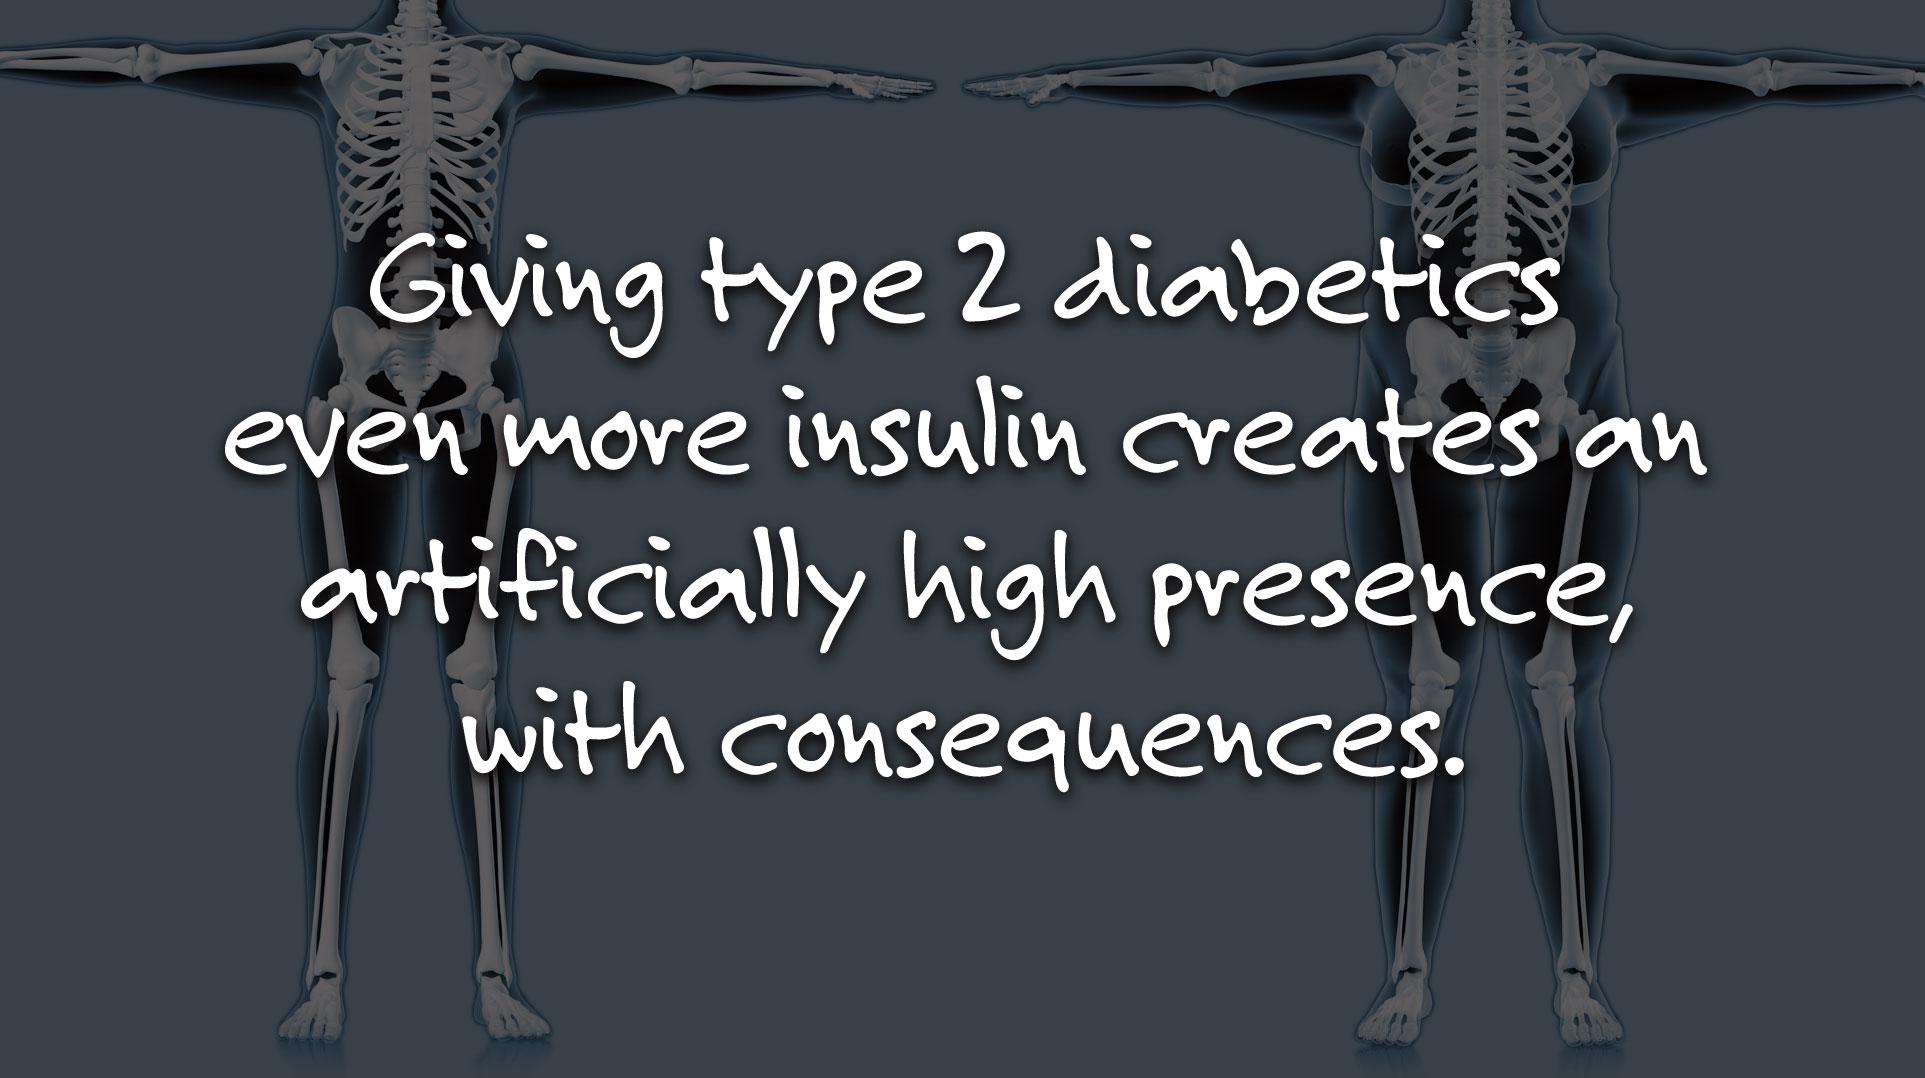 Ο διαβήτης τύπου 2, είναι καθαρά διατροφική ασθένεια και μπορεί να προληφθεί. Είναι αναστρέψιμη και εύκολα θεραπεύσιμη * (1ο μέρος)